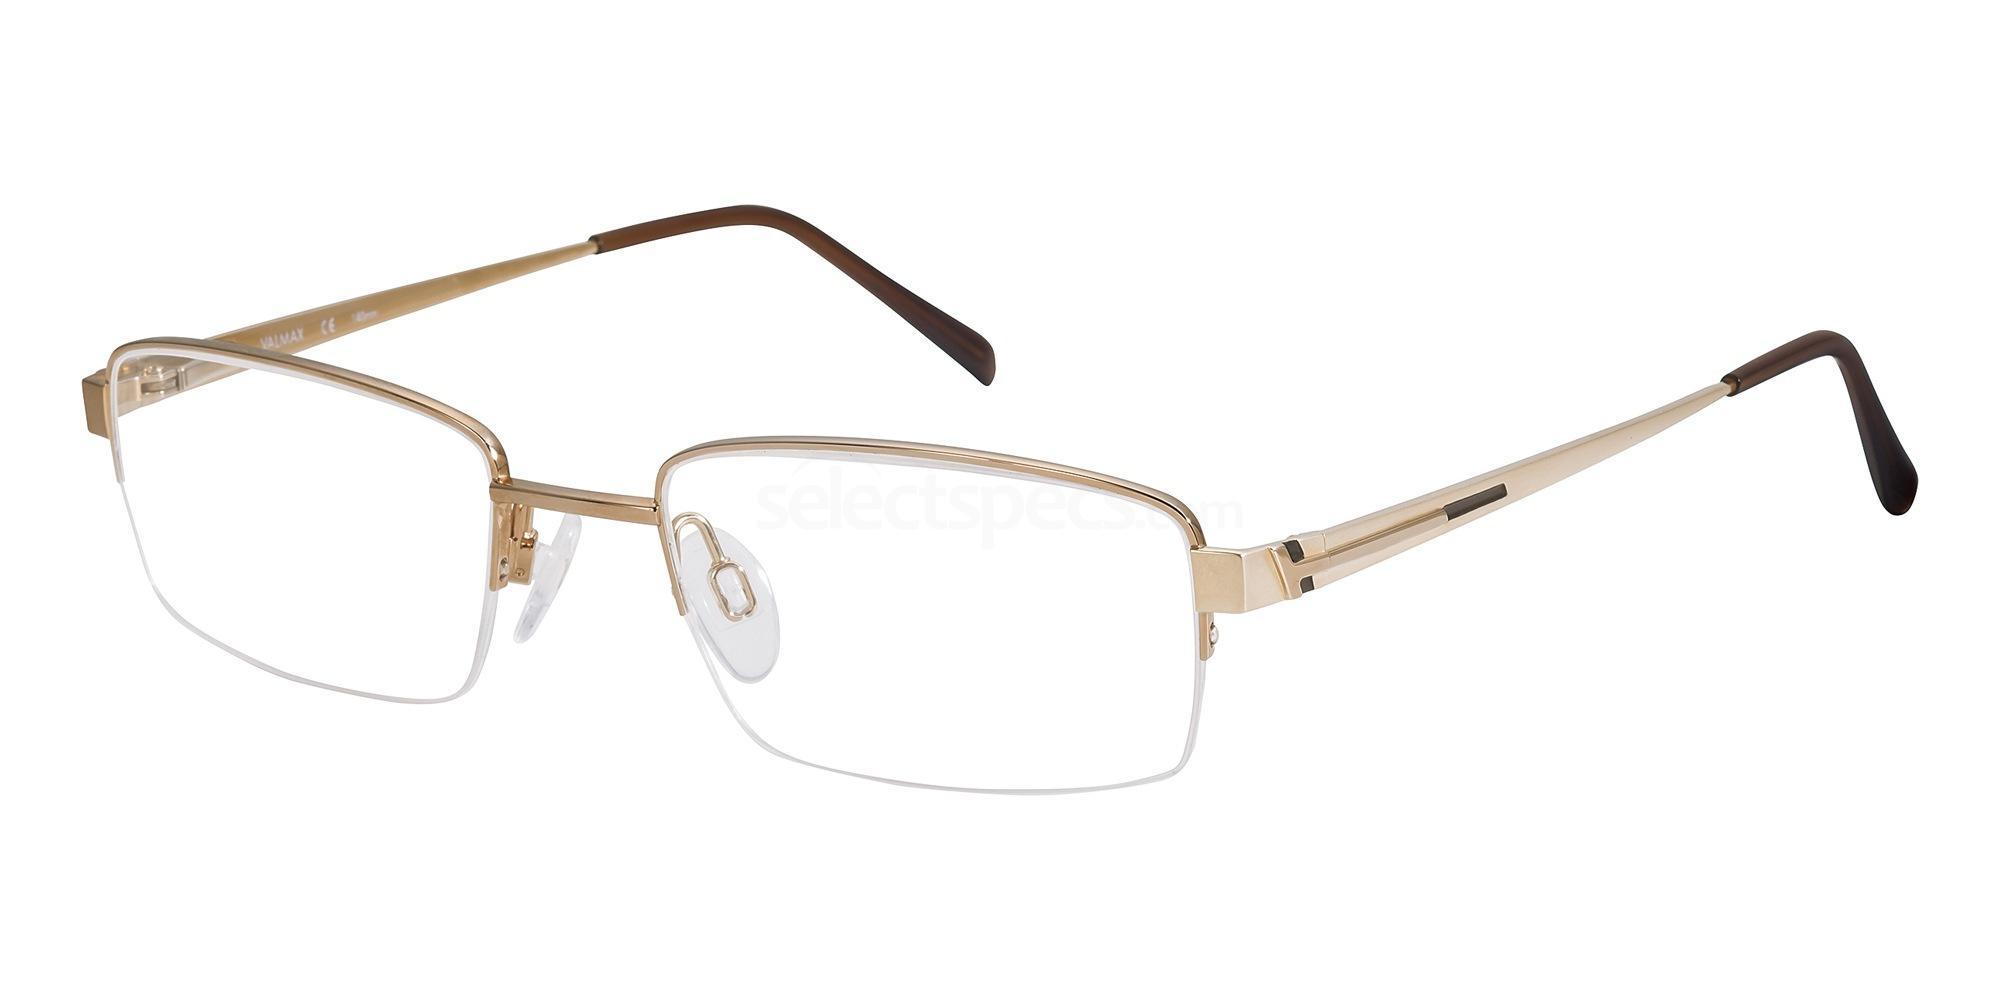 501 VM16637 Glasses, Valmax